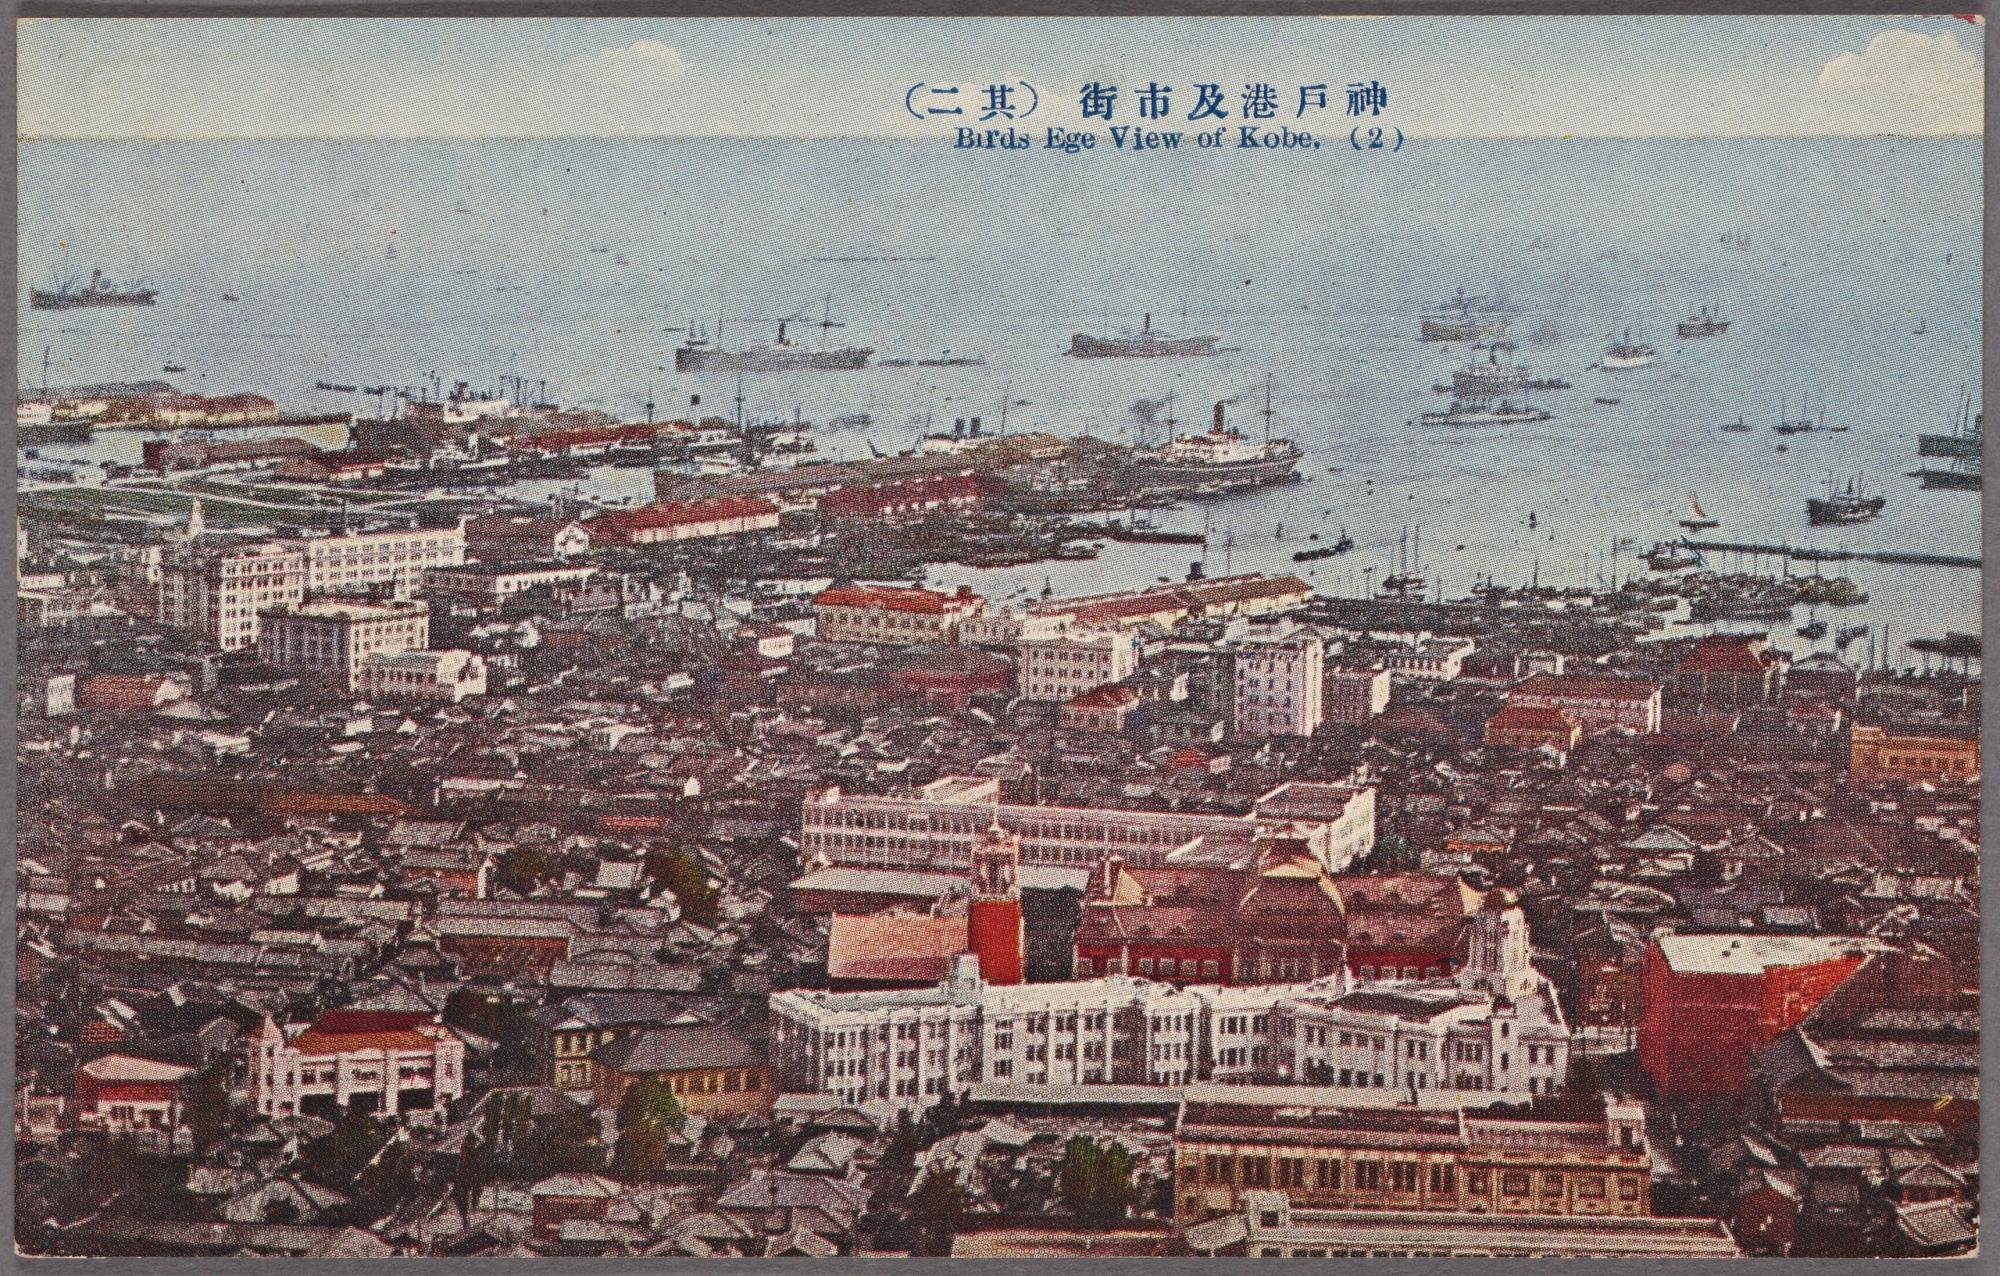 Về cách thức tiếp nhận văn minh bên ngoài trong lịch sử Nhật Bản